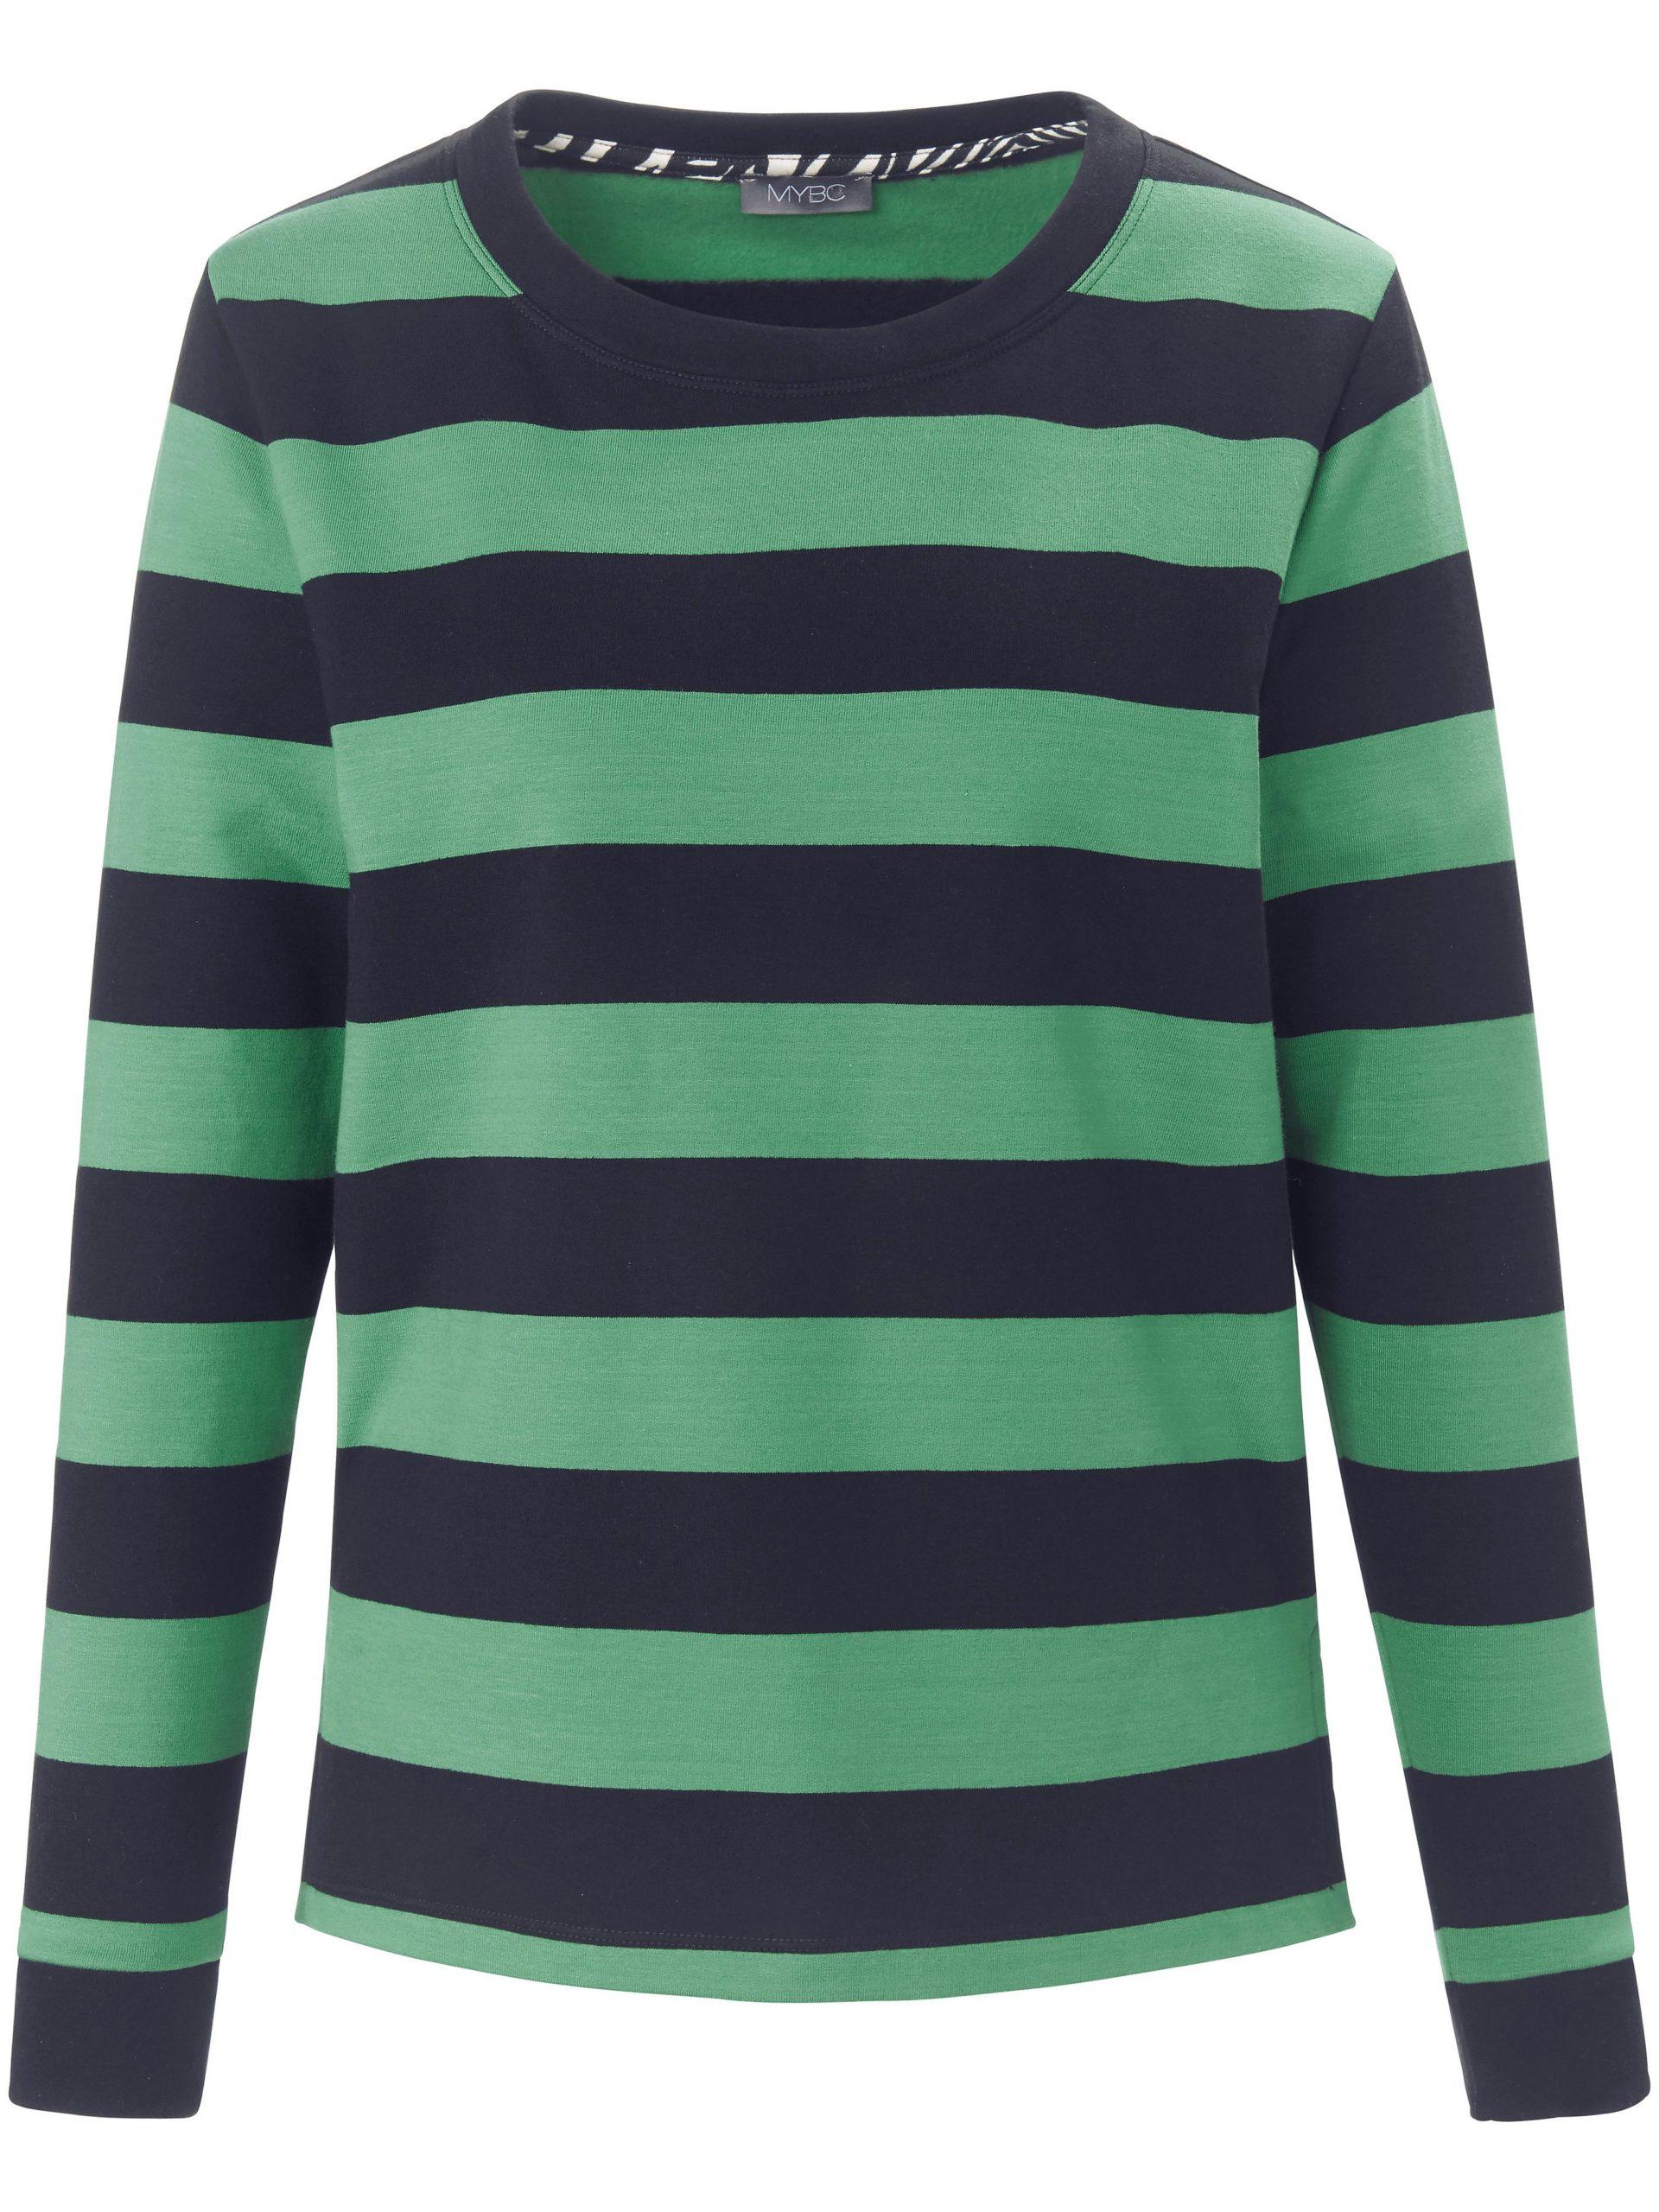 Sweatshirt met lange mouwen en zijsplitjes Van MYBC groen Kopen